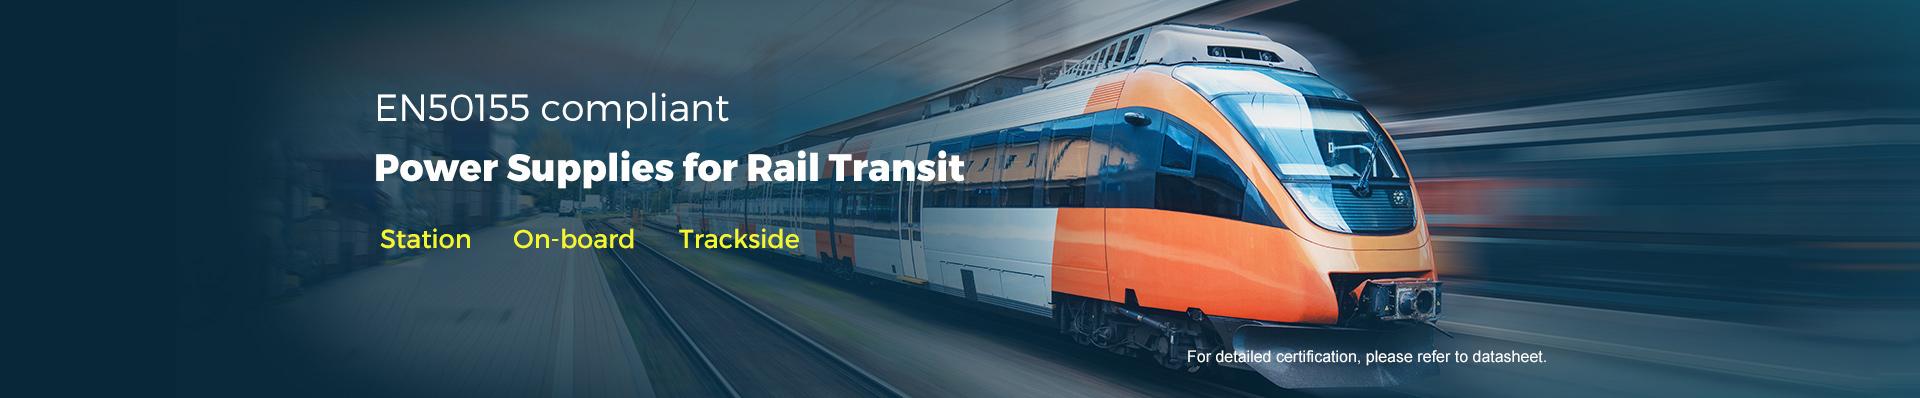 EN50155 compliant power supplies for rail transit